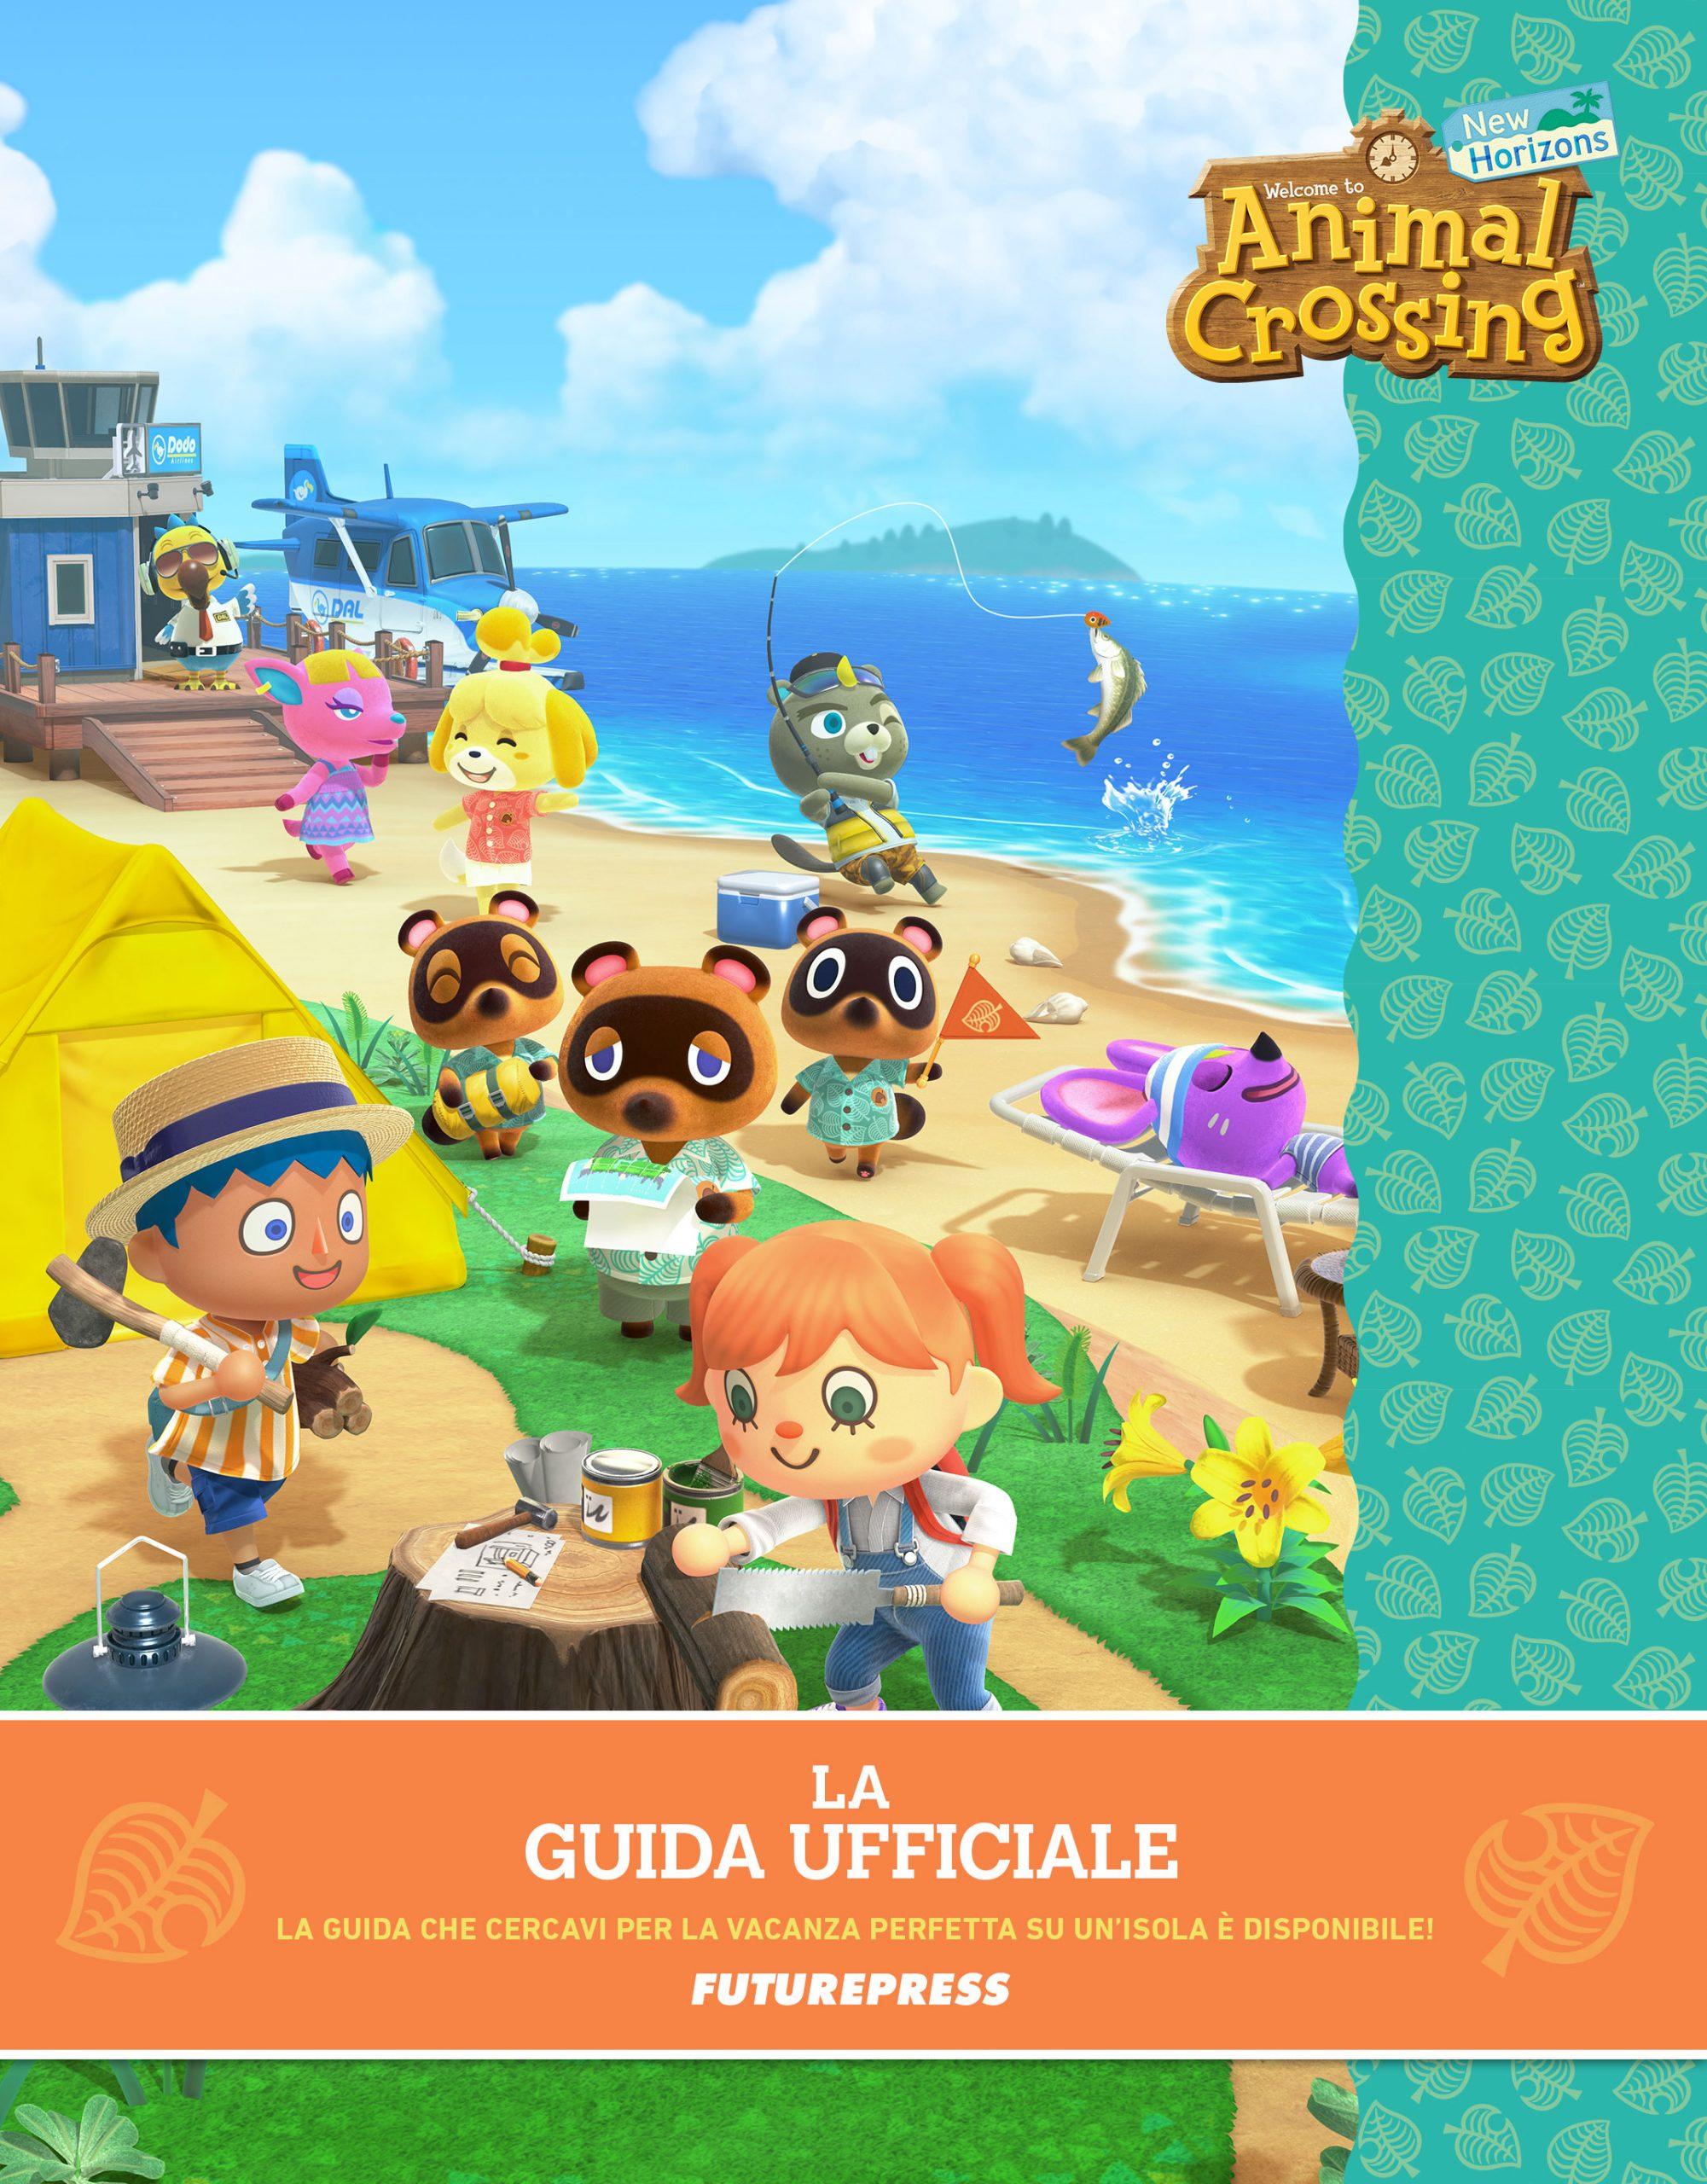 Animal Crossing: New Horizons - La guida ufficiale arriva in Italia